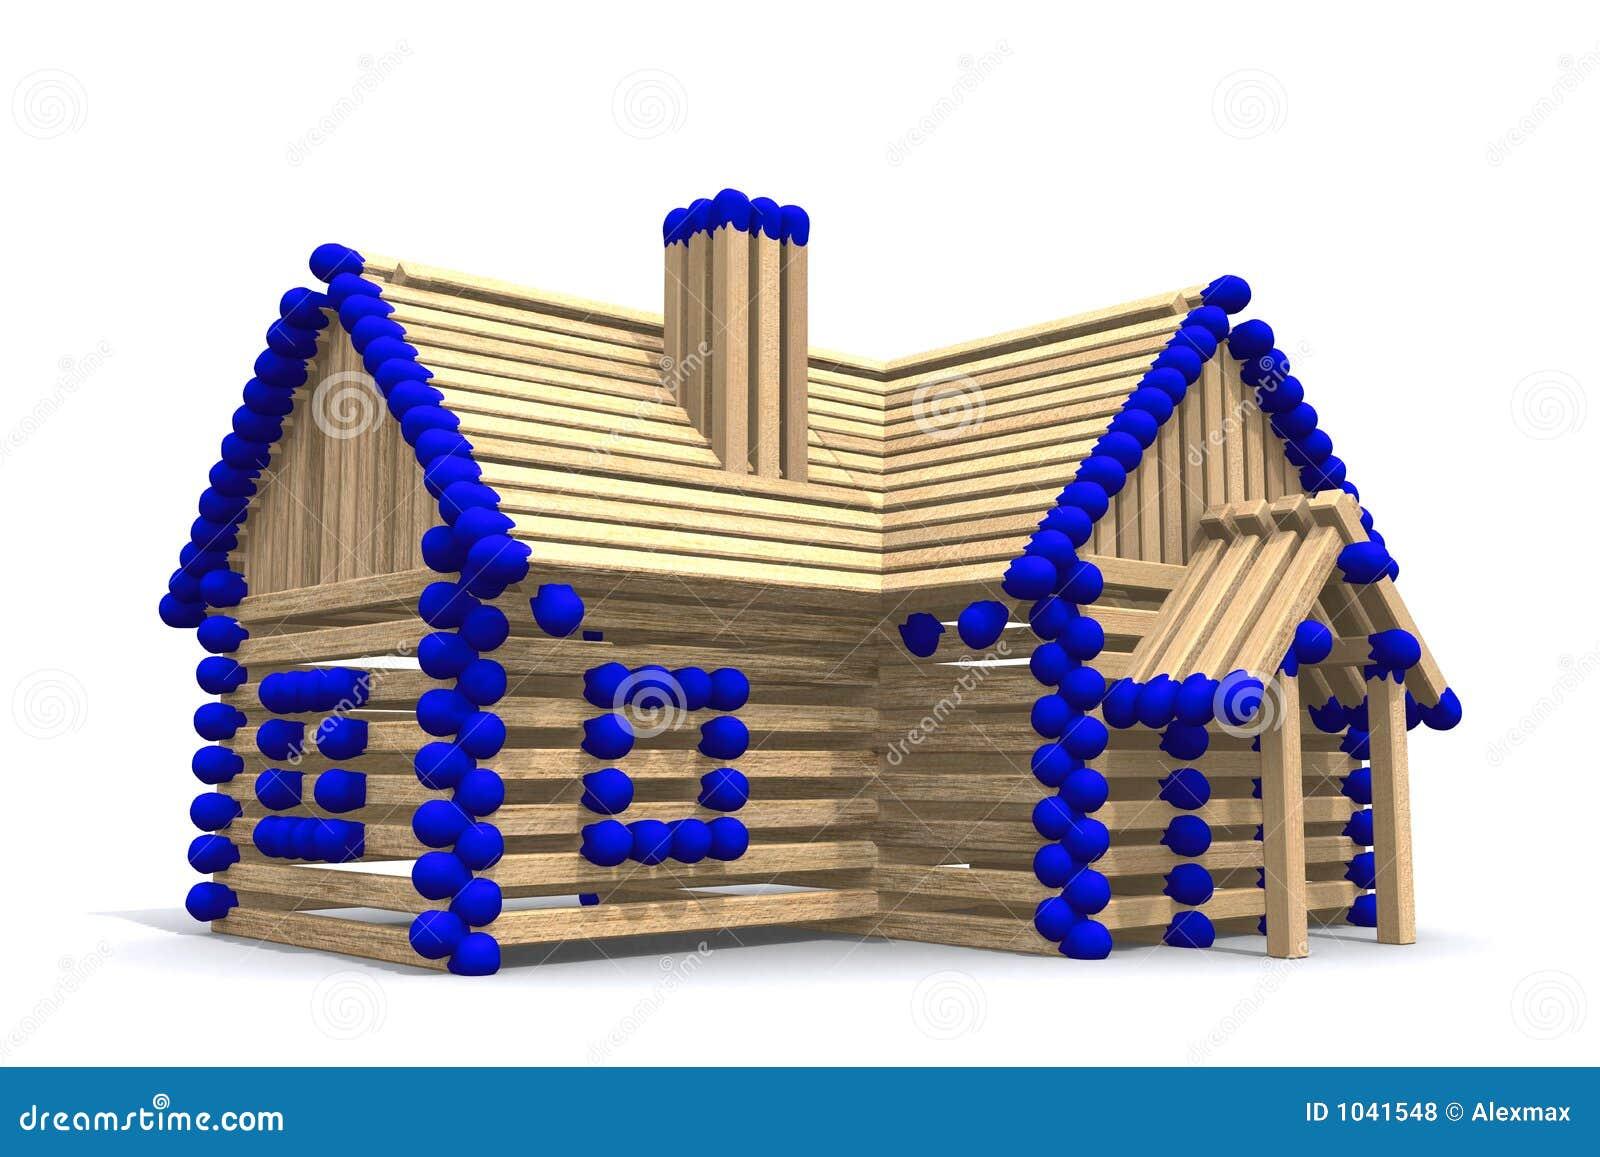 bauen sie ihr eigenes haus auf lizenzfreie stockfotos bild 1041548. Black Bedroom Furniture Sets. Home Design Ideas